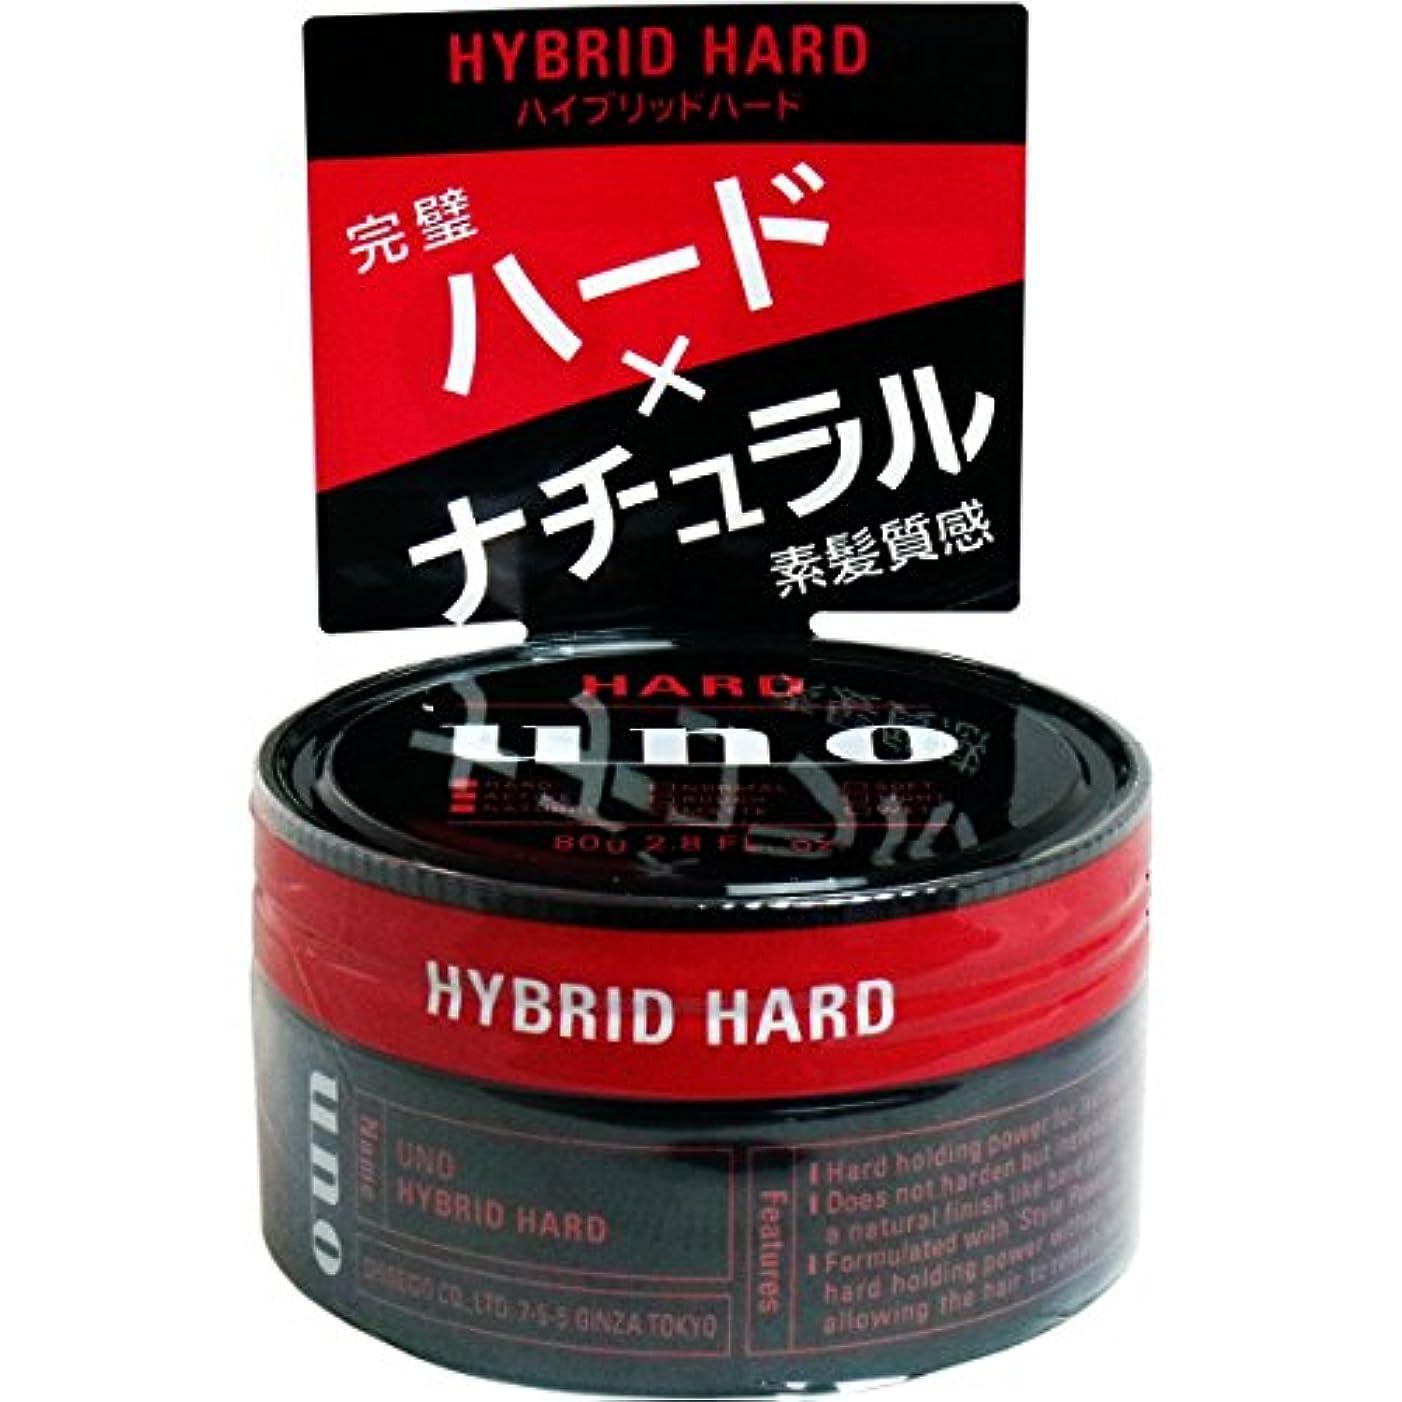 解釈的回る関連付けるウーノ ハイブリッドハード 80g ワックス×6